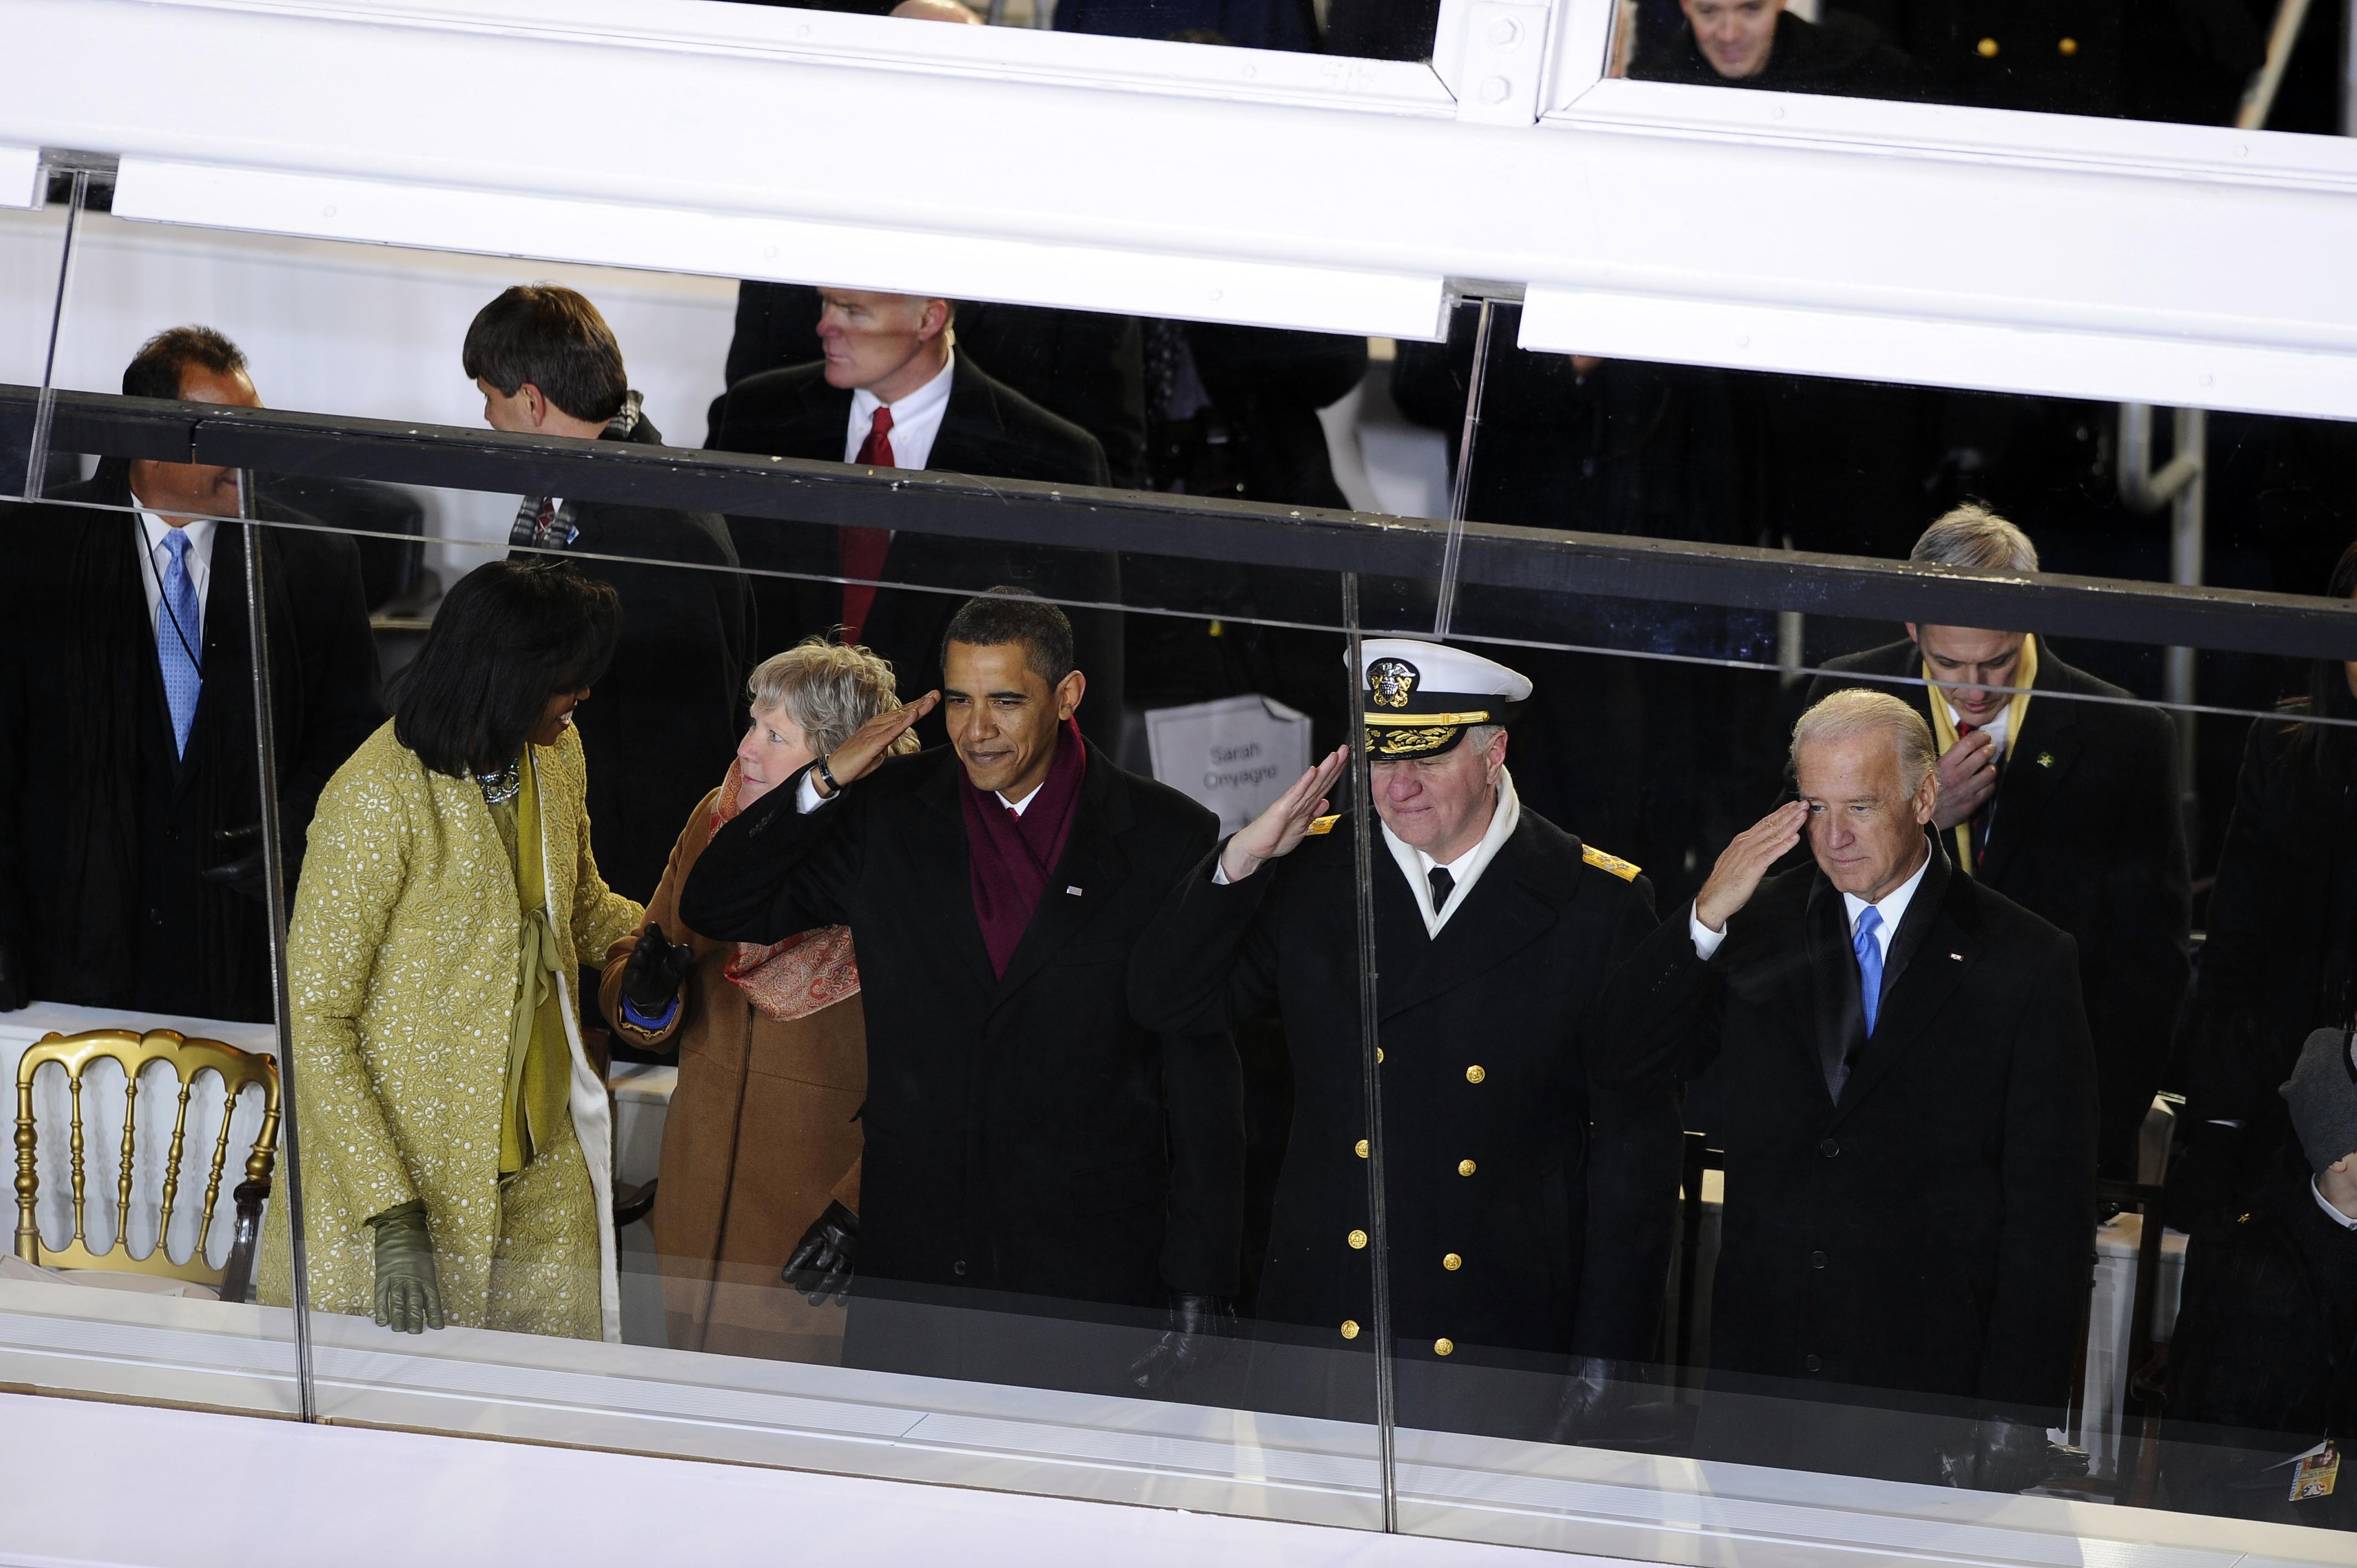 FileUS Navy 090120 F 2408G 719 President Barack Obama US Chief